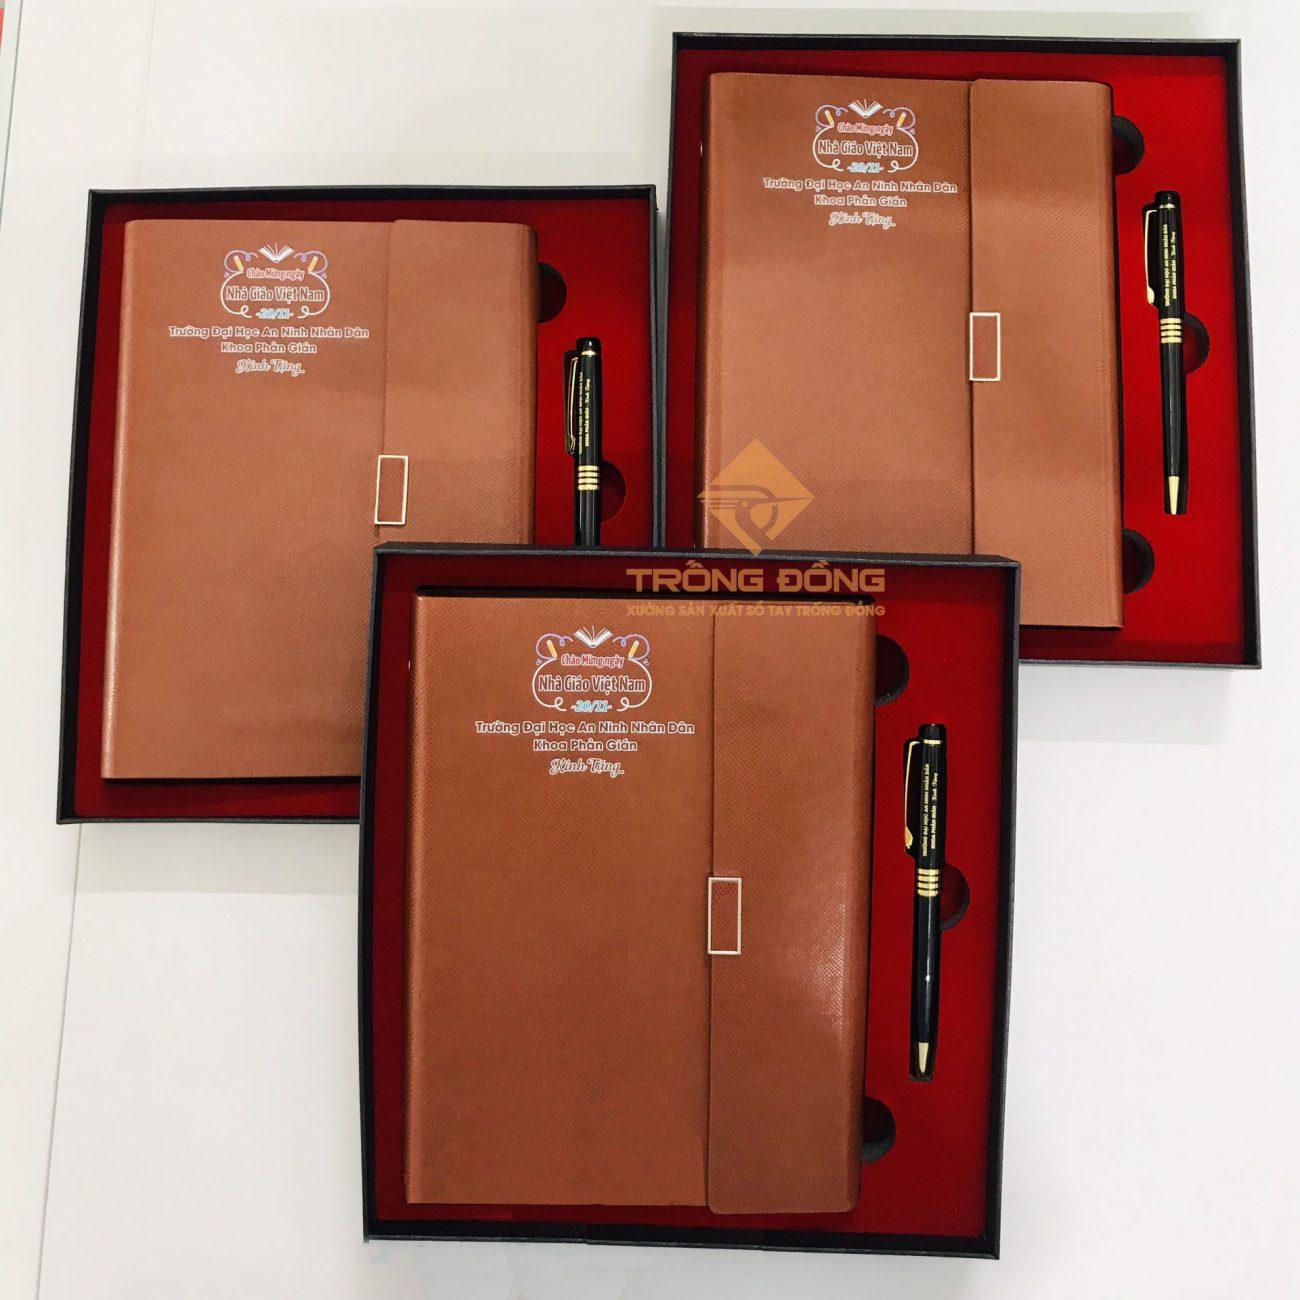 Combo sổ tay kèm bút kim loại làm quà tặng cho đối tác, khách hàng.